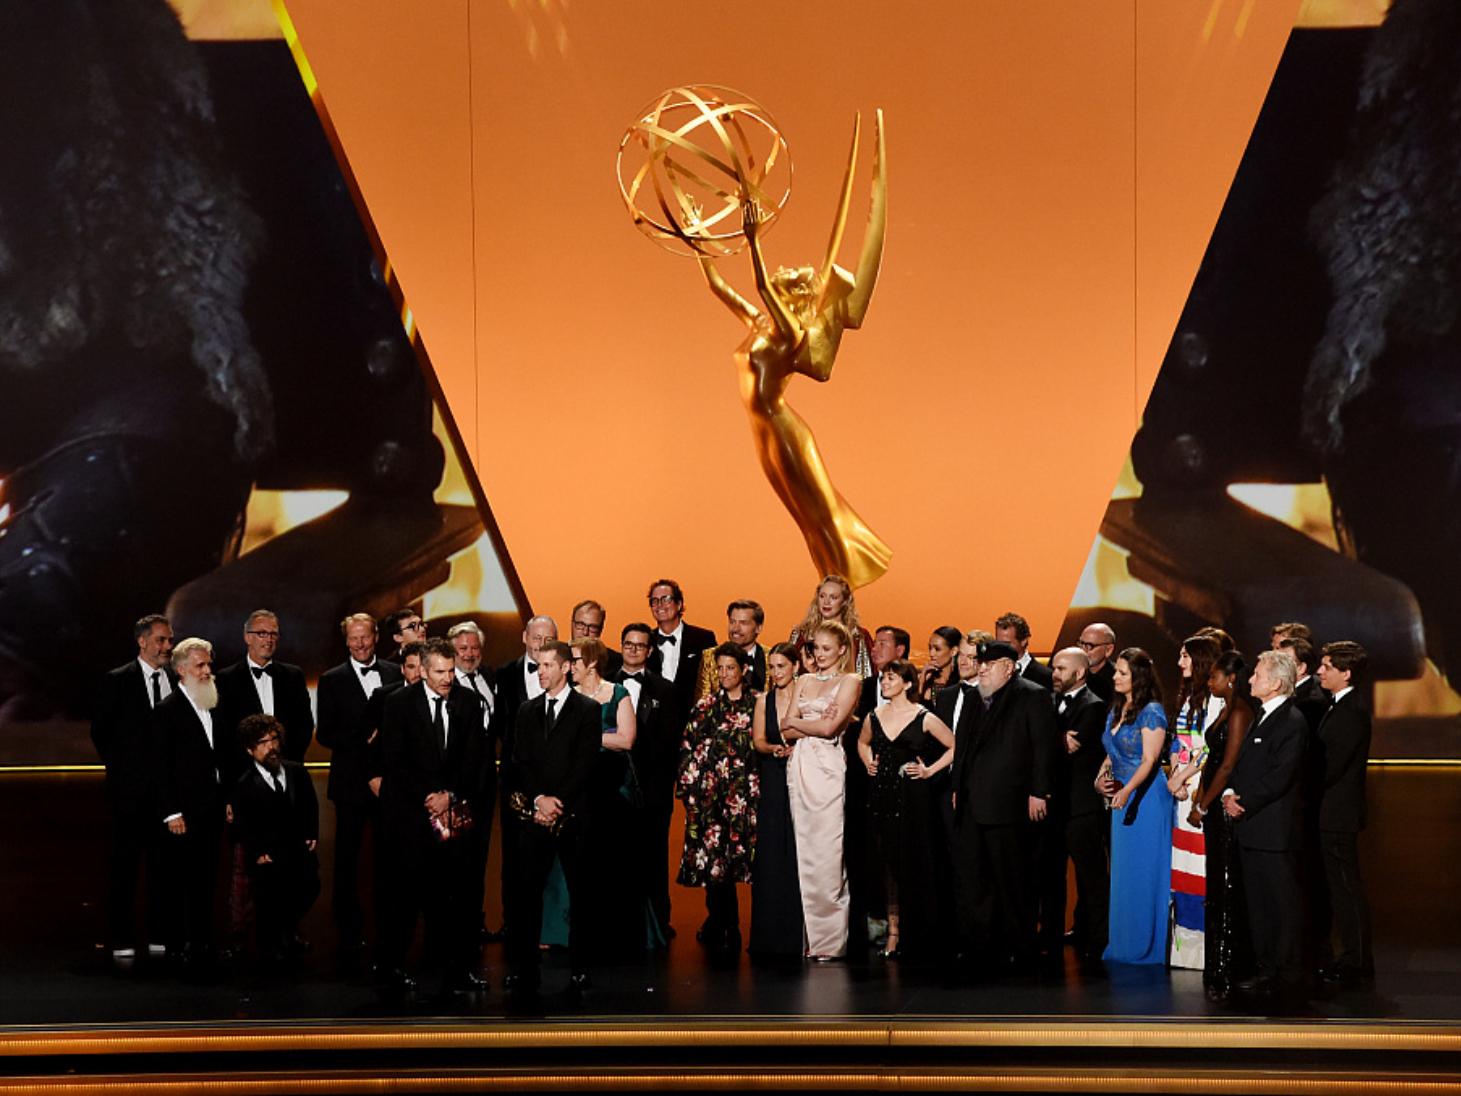 'Game of Thrones', 'Fleabag' win big at 71st Primetime Emmy Awards